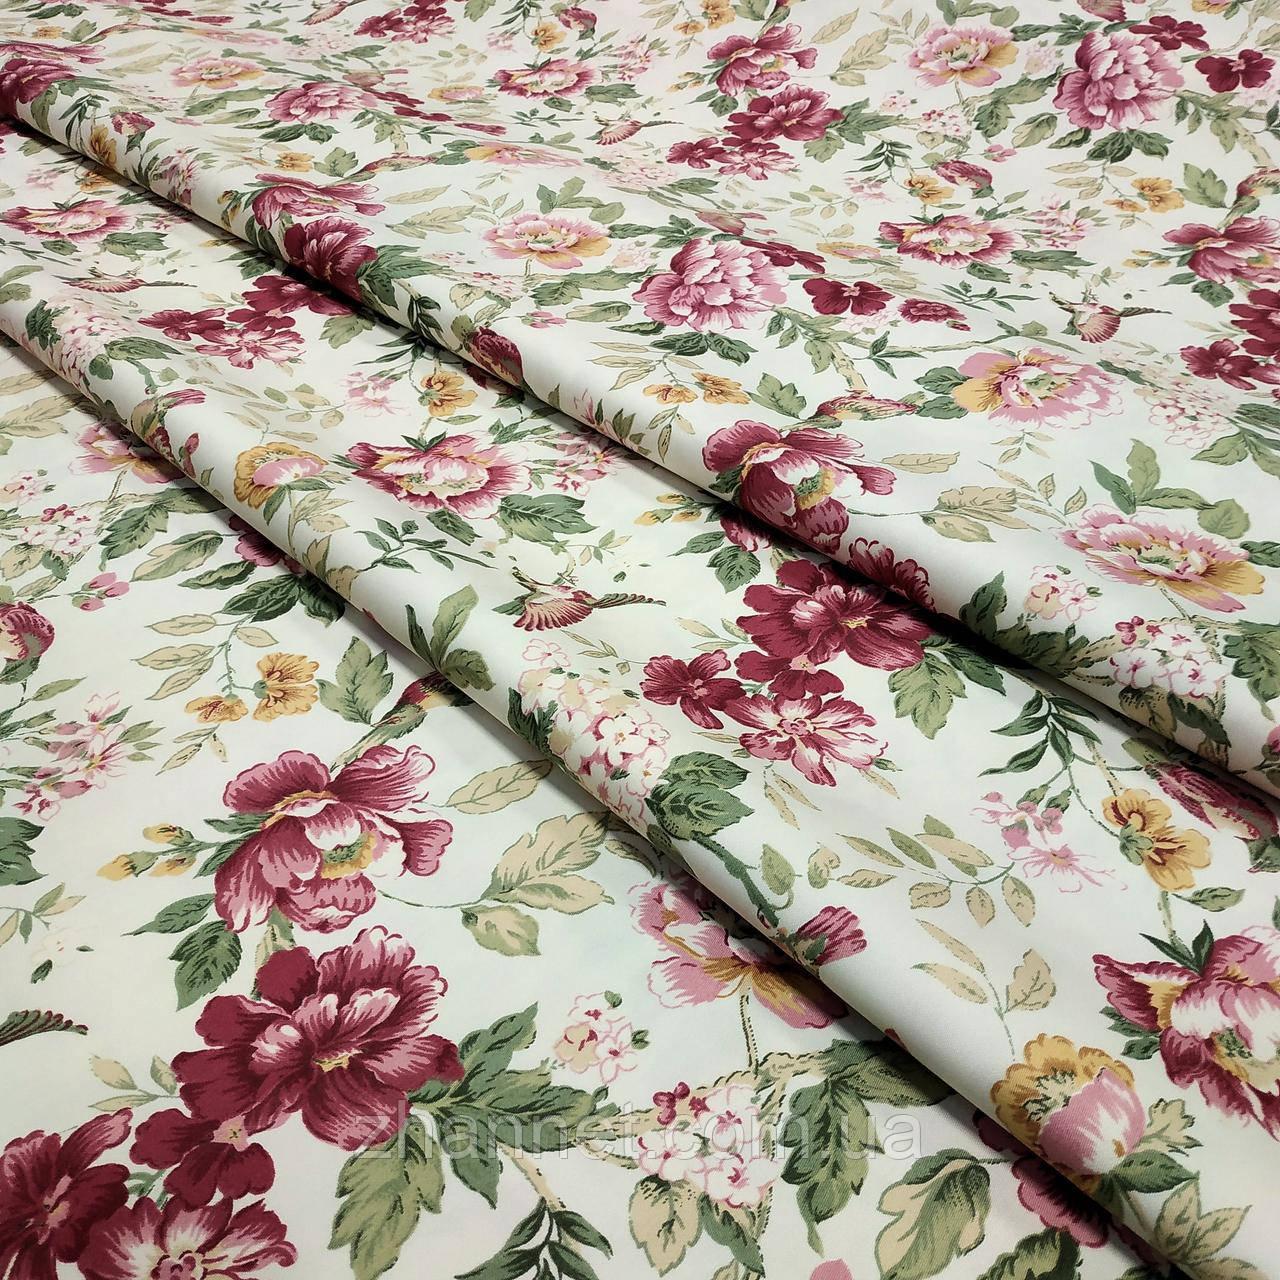 Тканина для штор Елен квіти бордовий 280 см (87286)